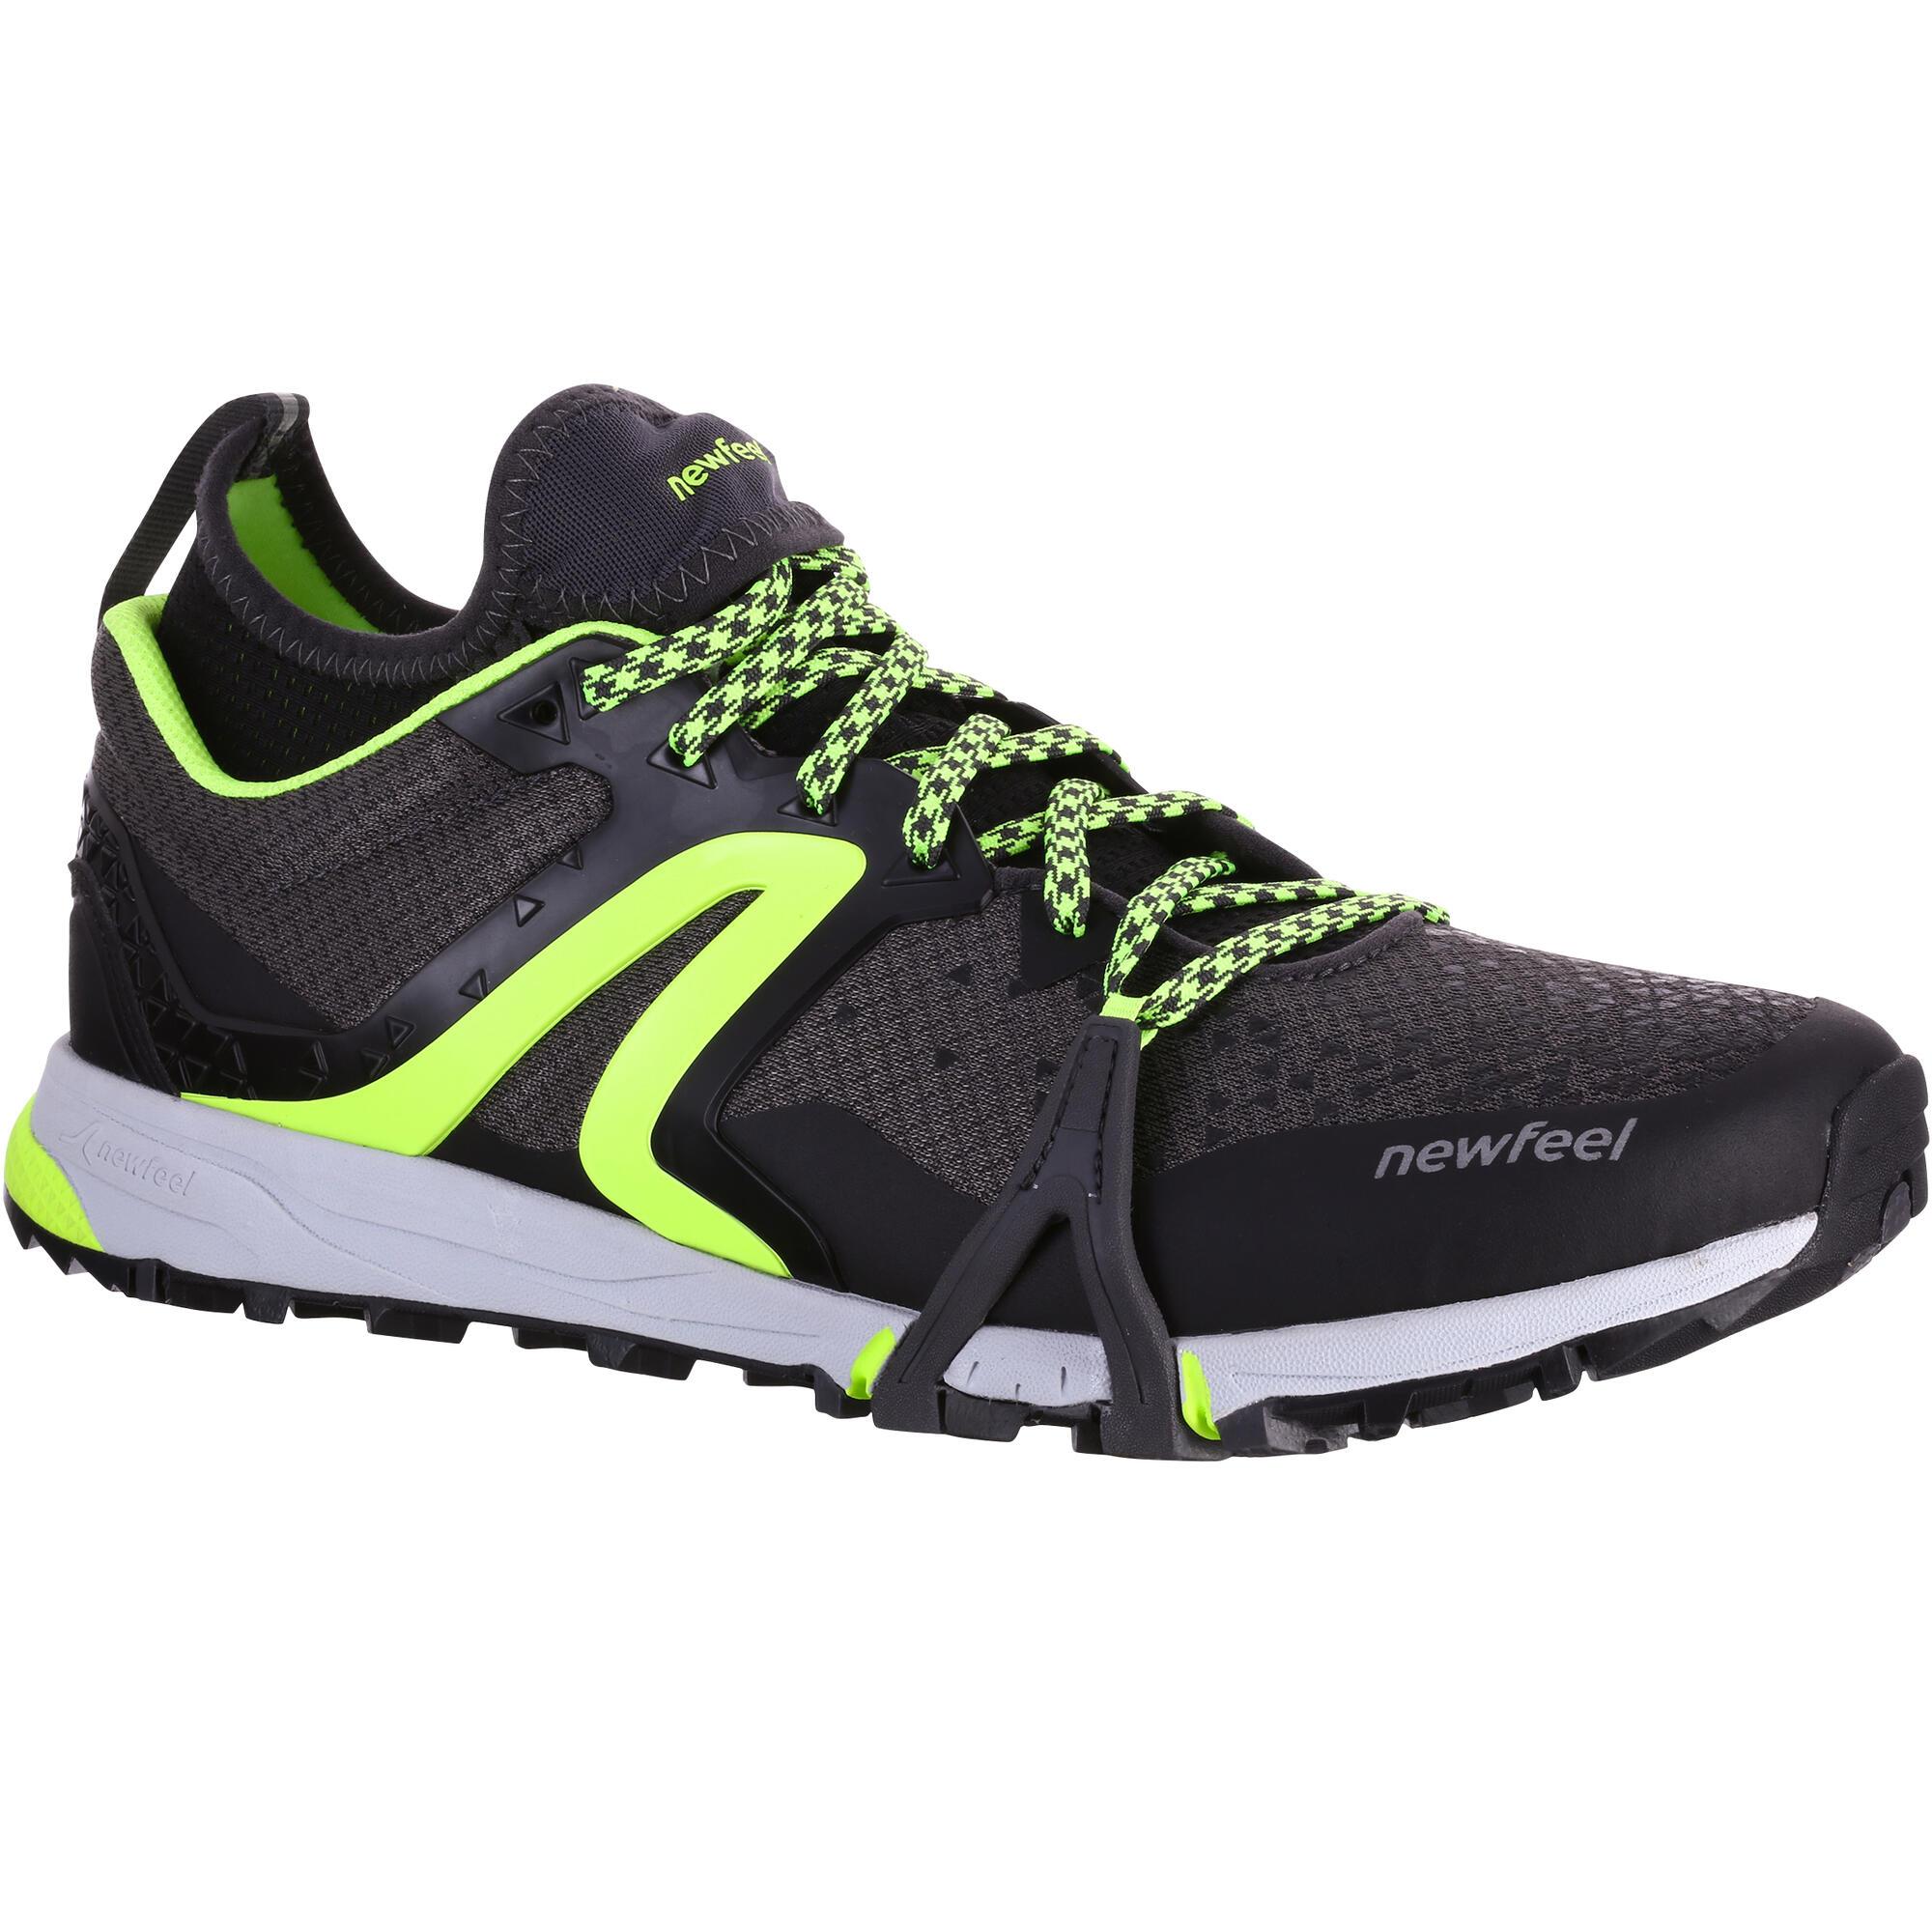 Vert Nordique Flex Noir H 900 Chaussures Nw De Homme Marche PukXZOiT